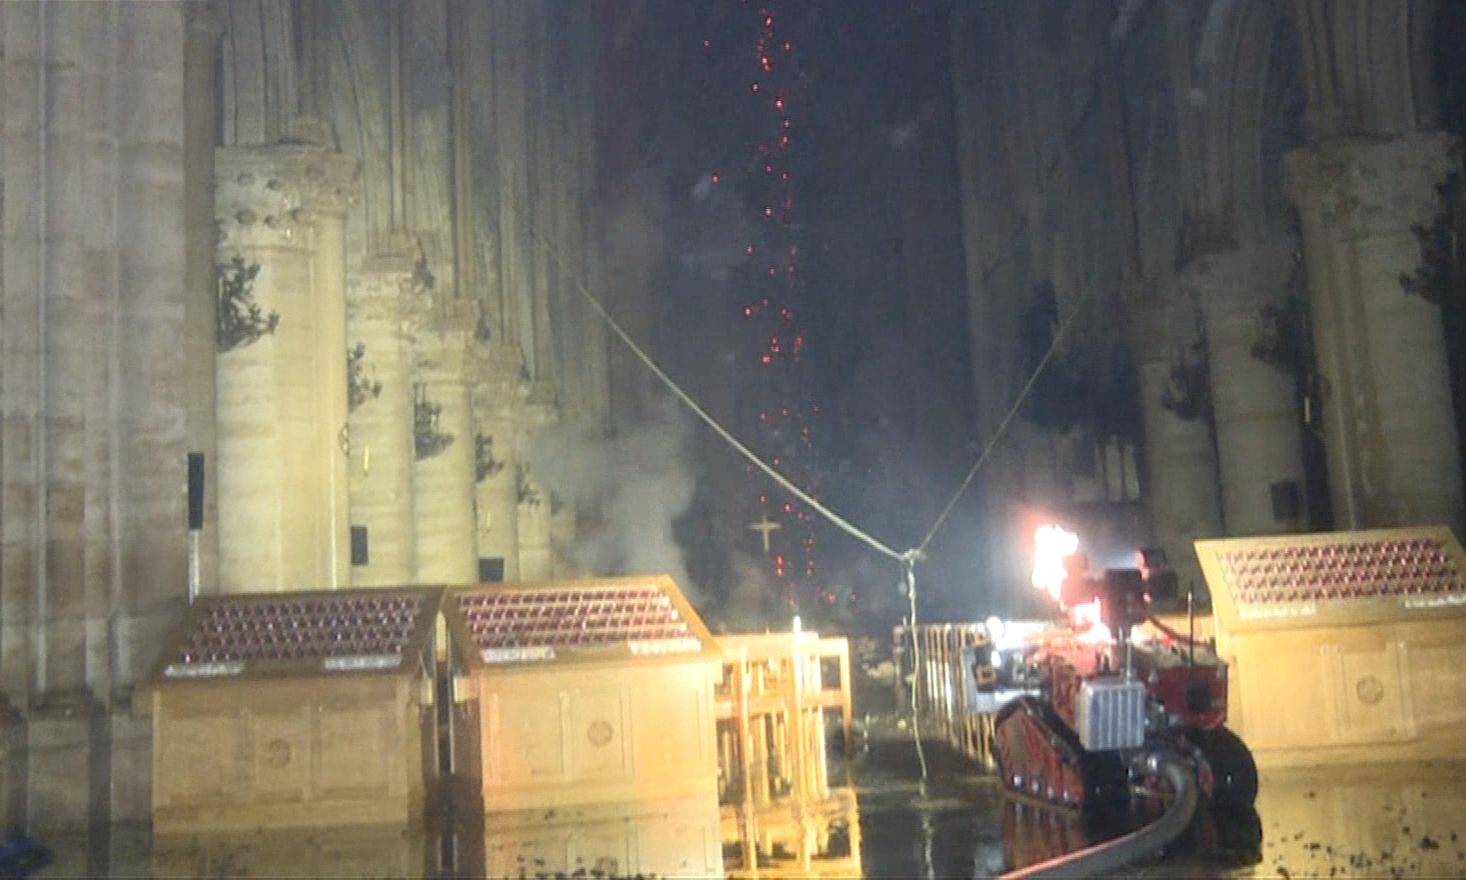 Lính cứu hỏa vật lộn dập lửa bên trong Nhà thờ Đức bà Paris